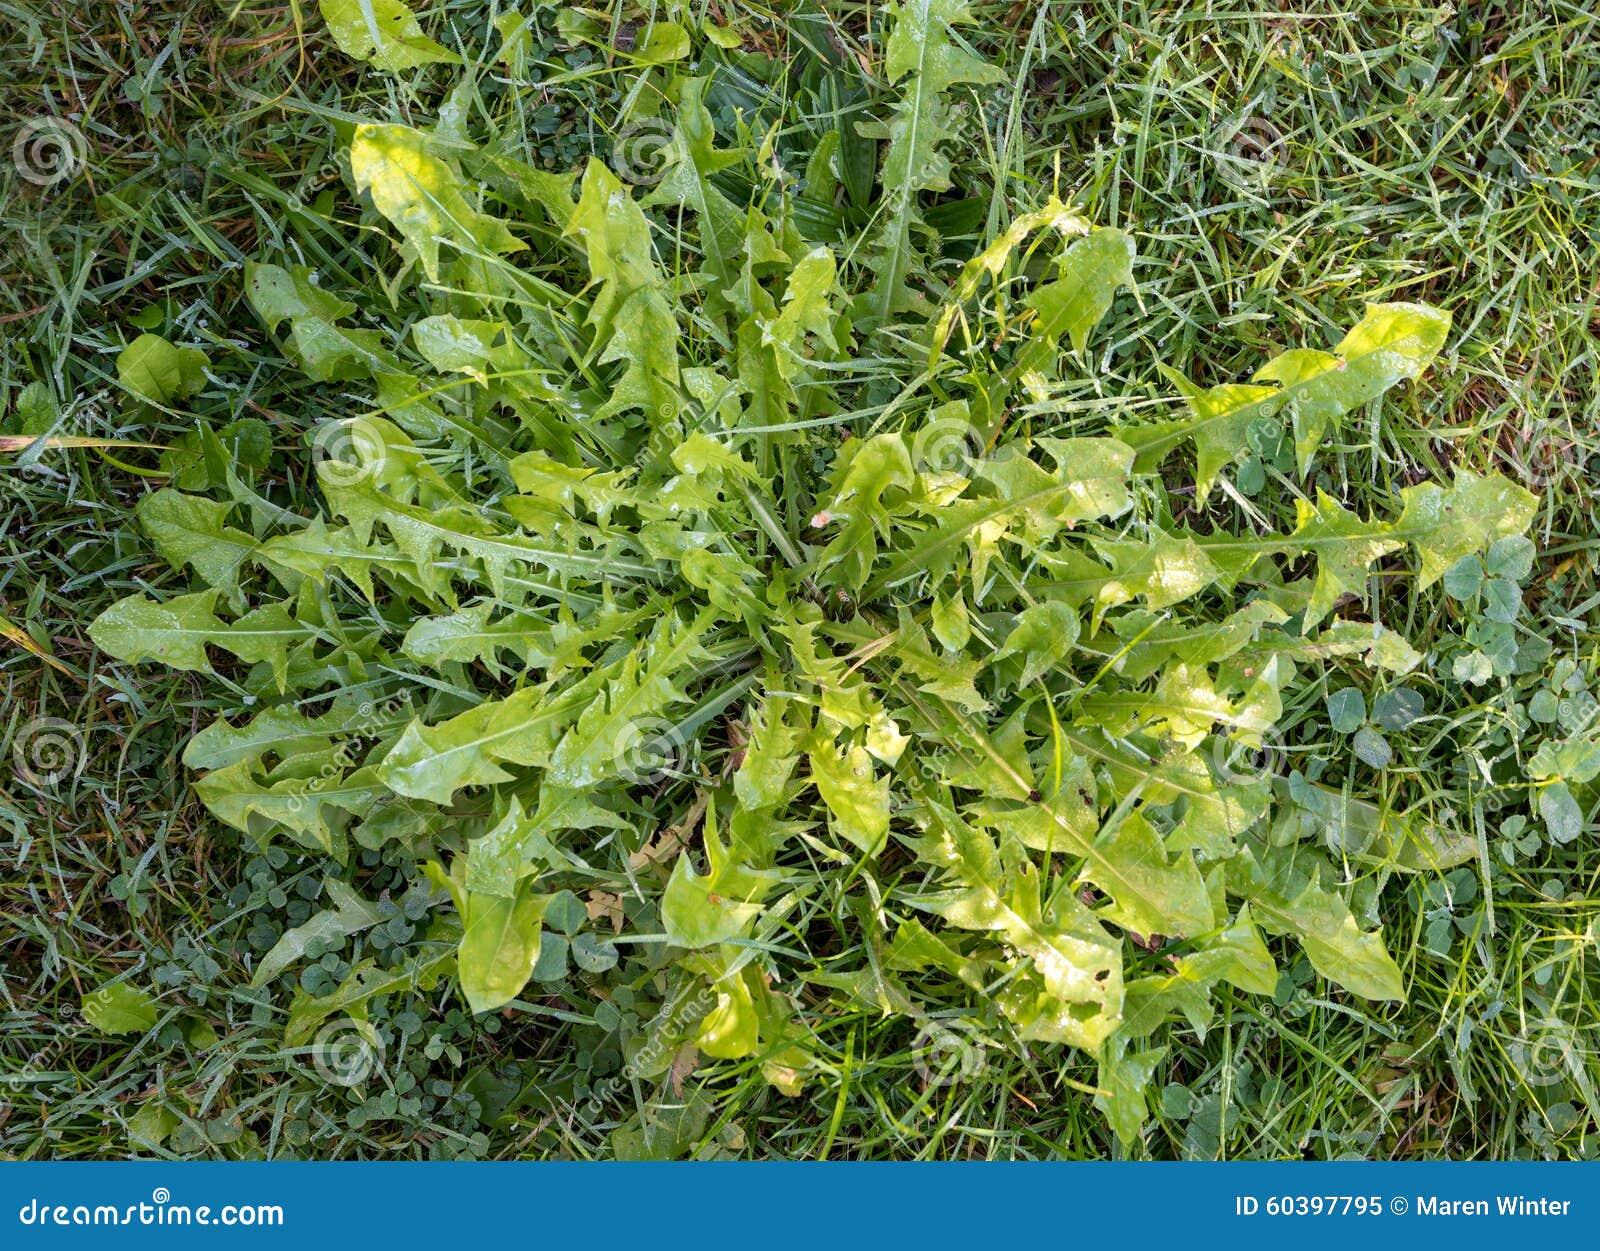 Feuilles de pissenlit de mauvaise herbe dans la pelouse ou de salade naturelle image stock - Mauvaise herbe pelouse ...